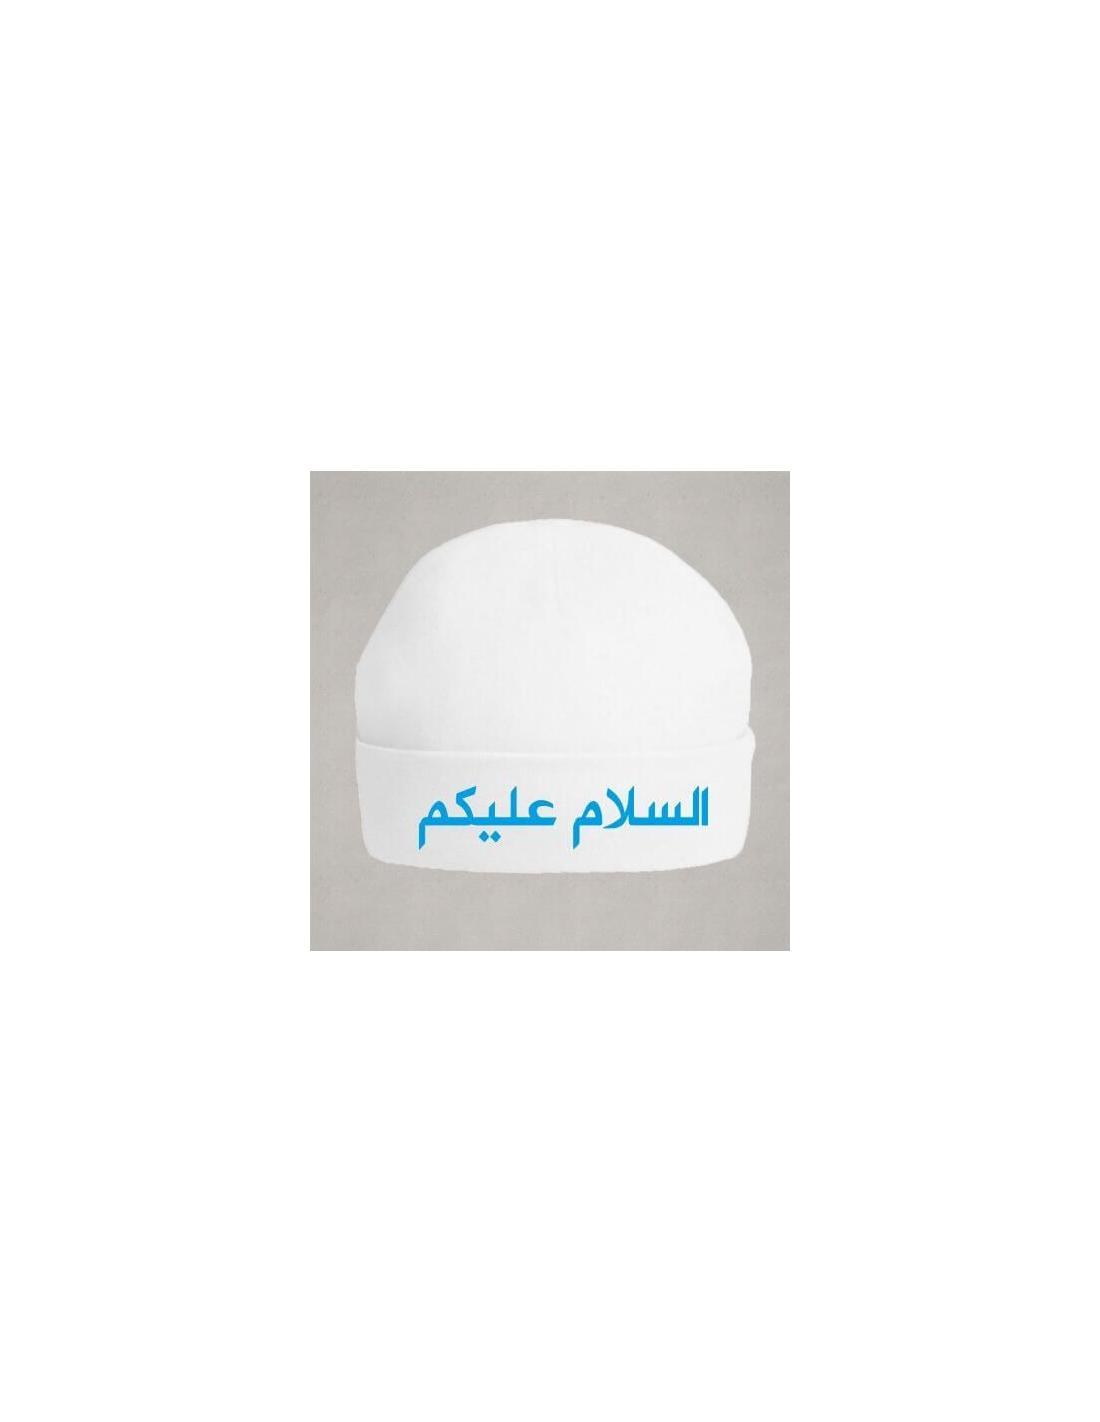 Salam aleykoum bonnet  en arabe